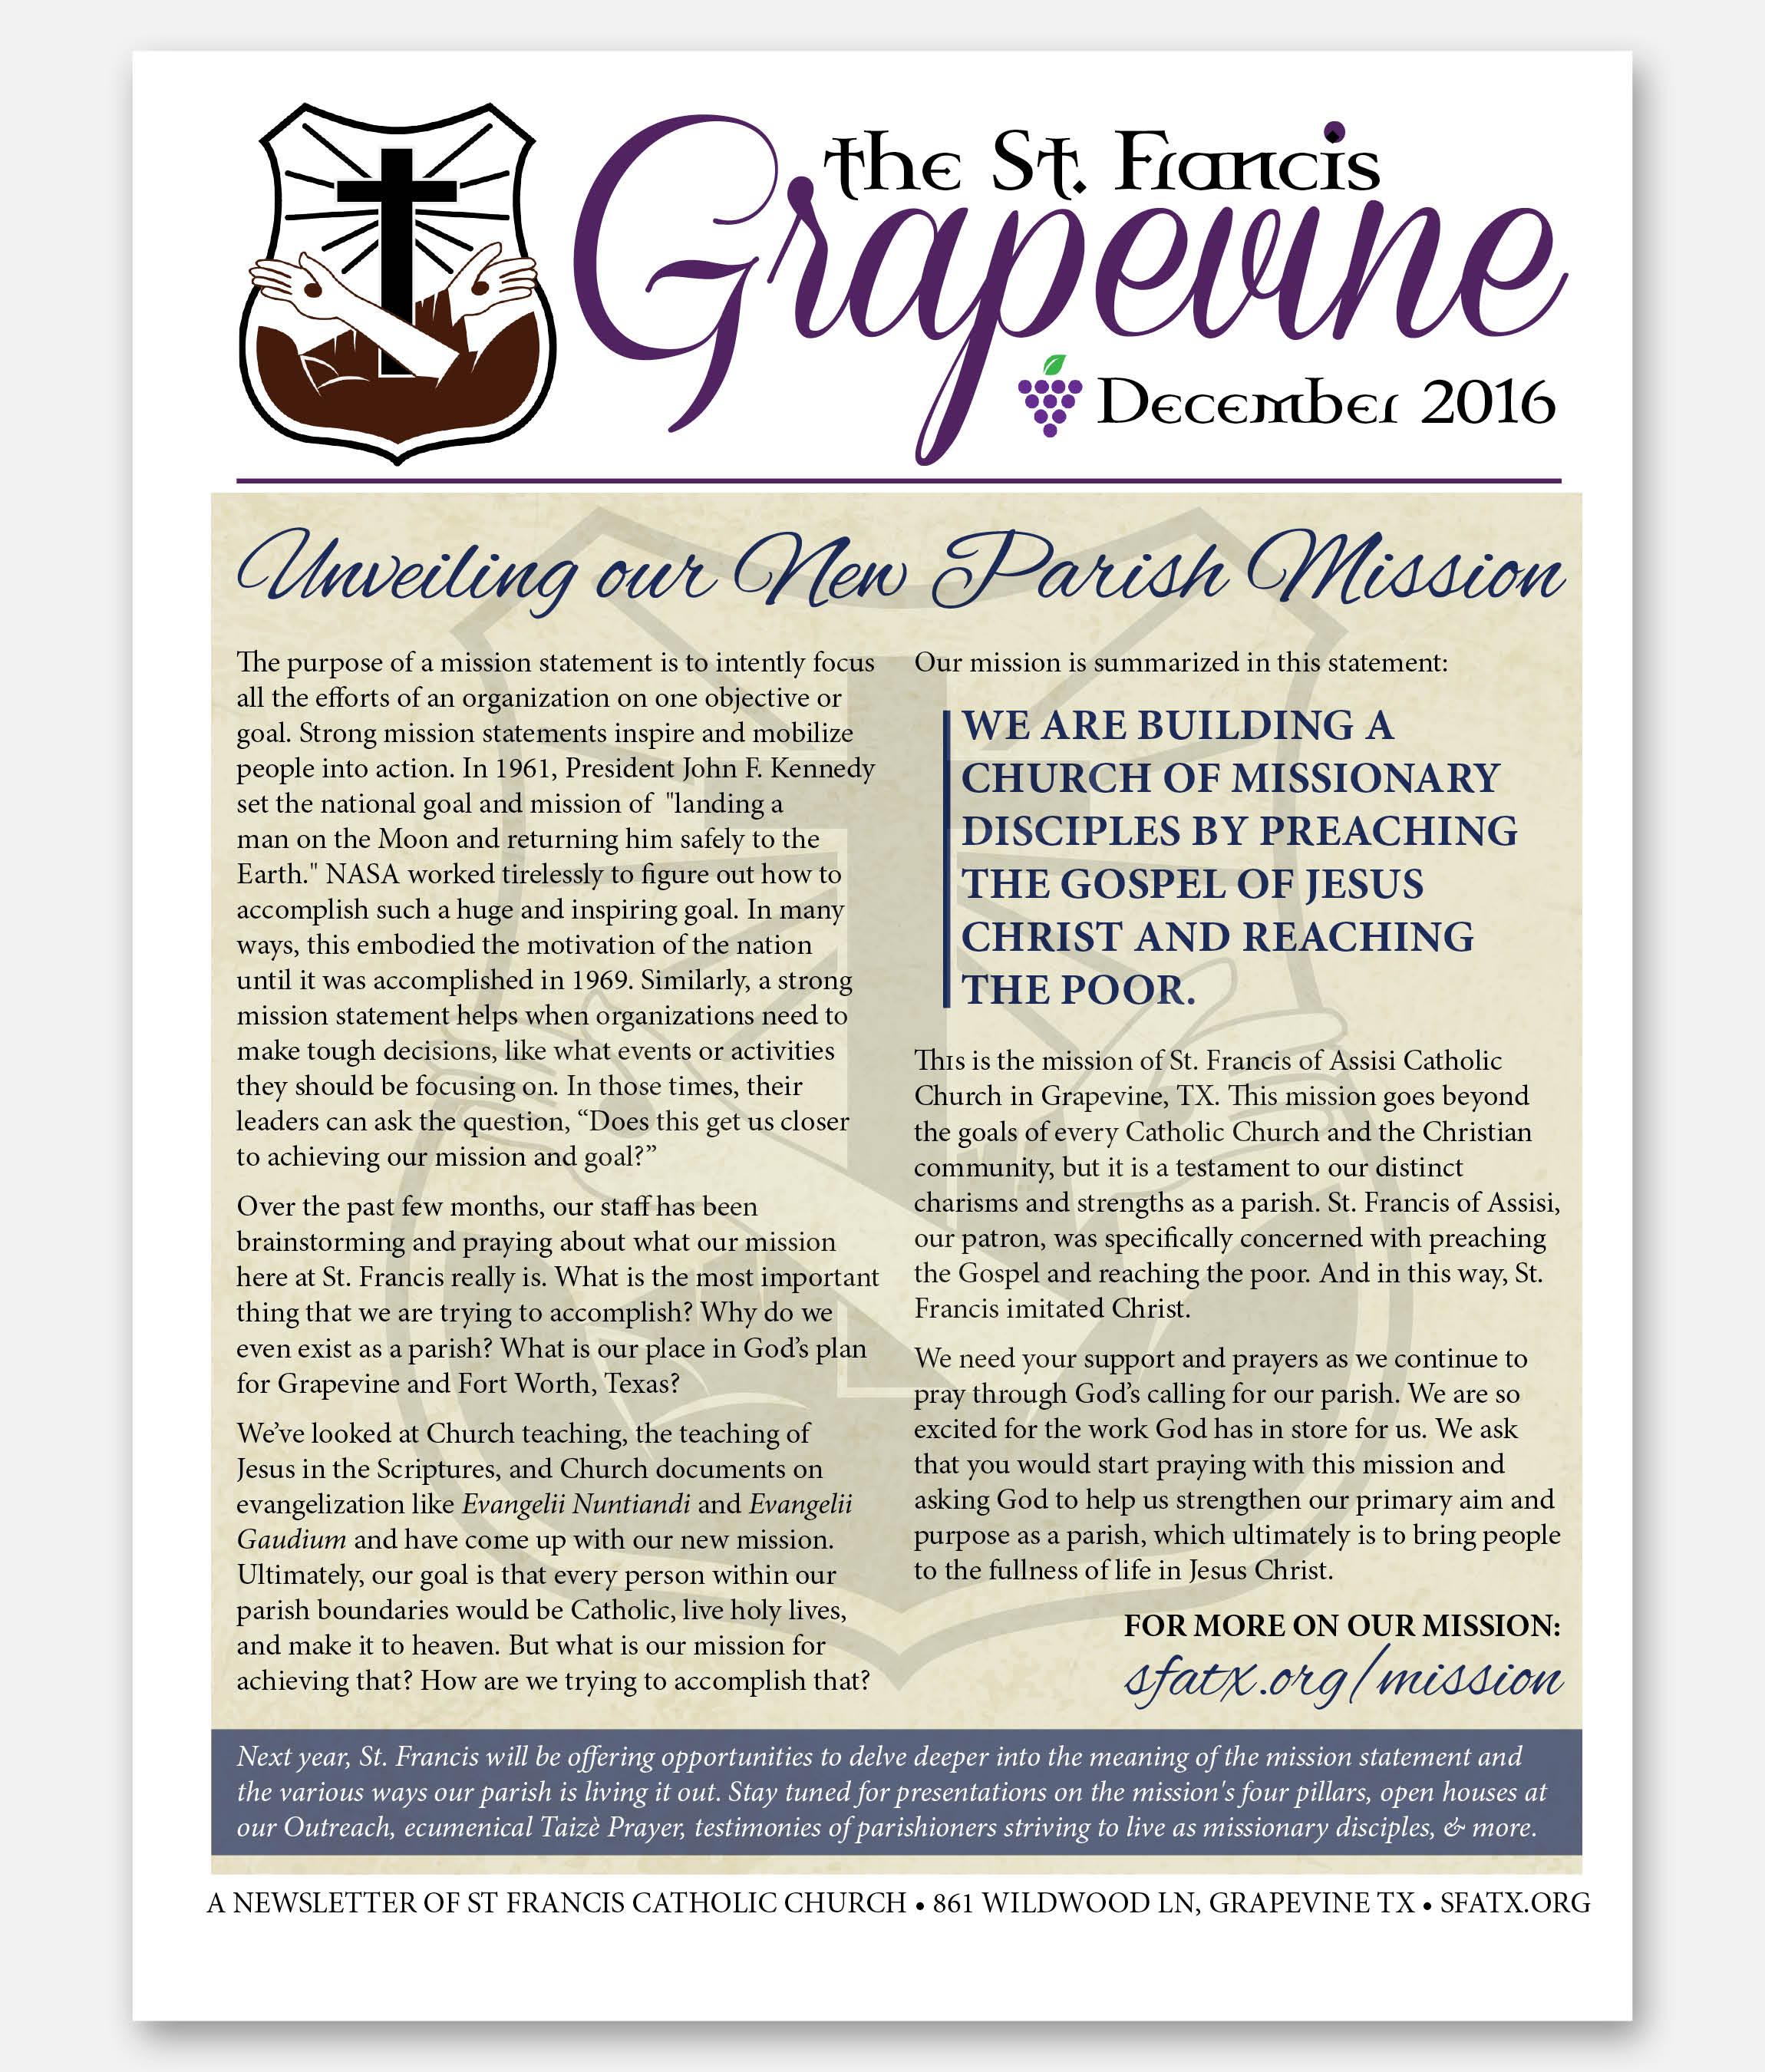 grapevine-newsletter-dec16.jpg